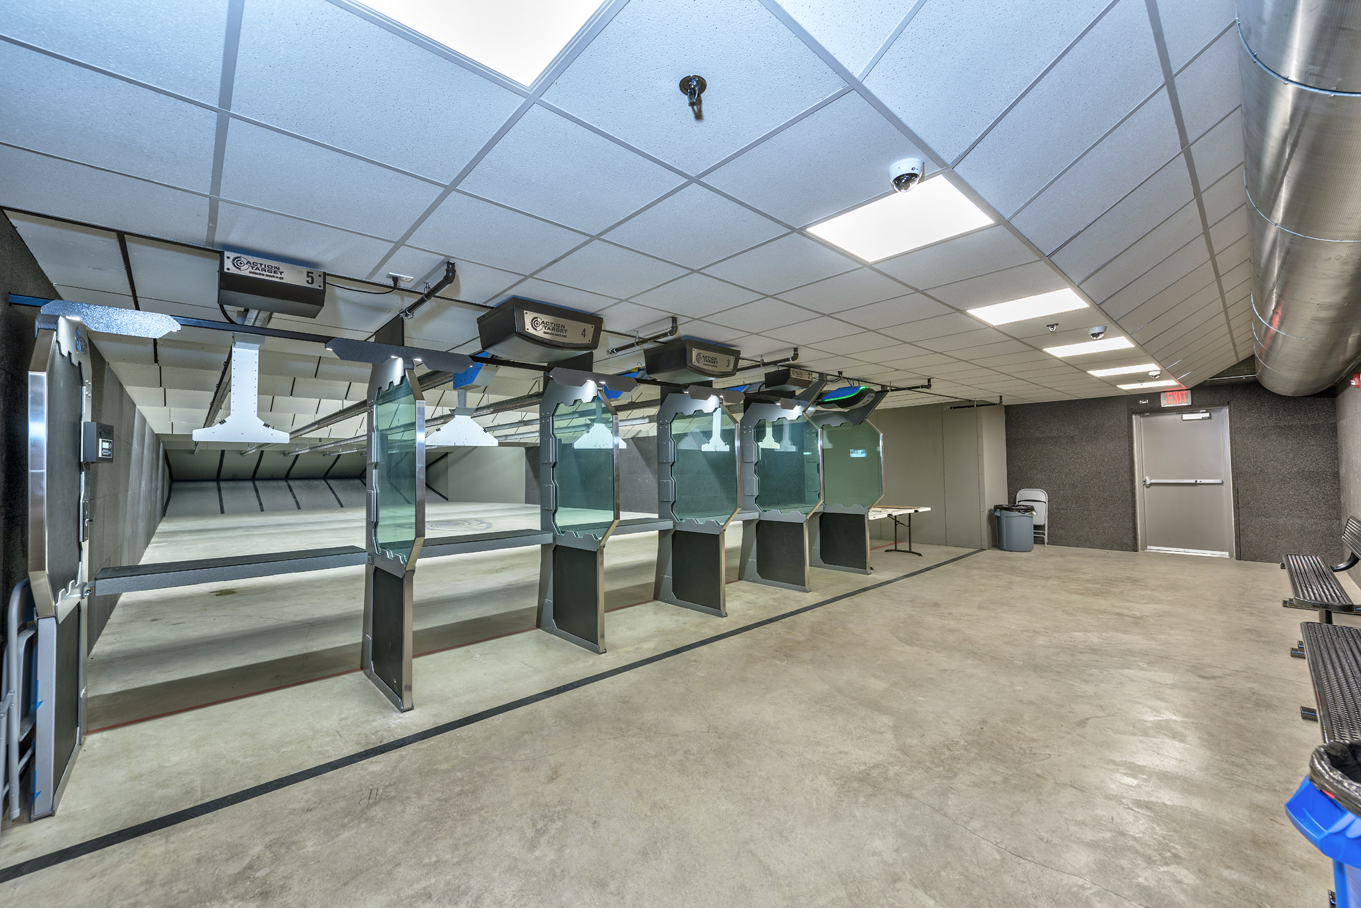 carbon club firing range